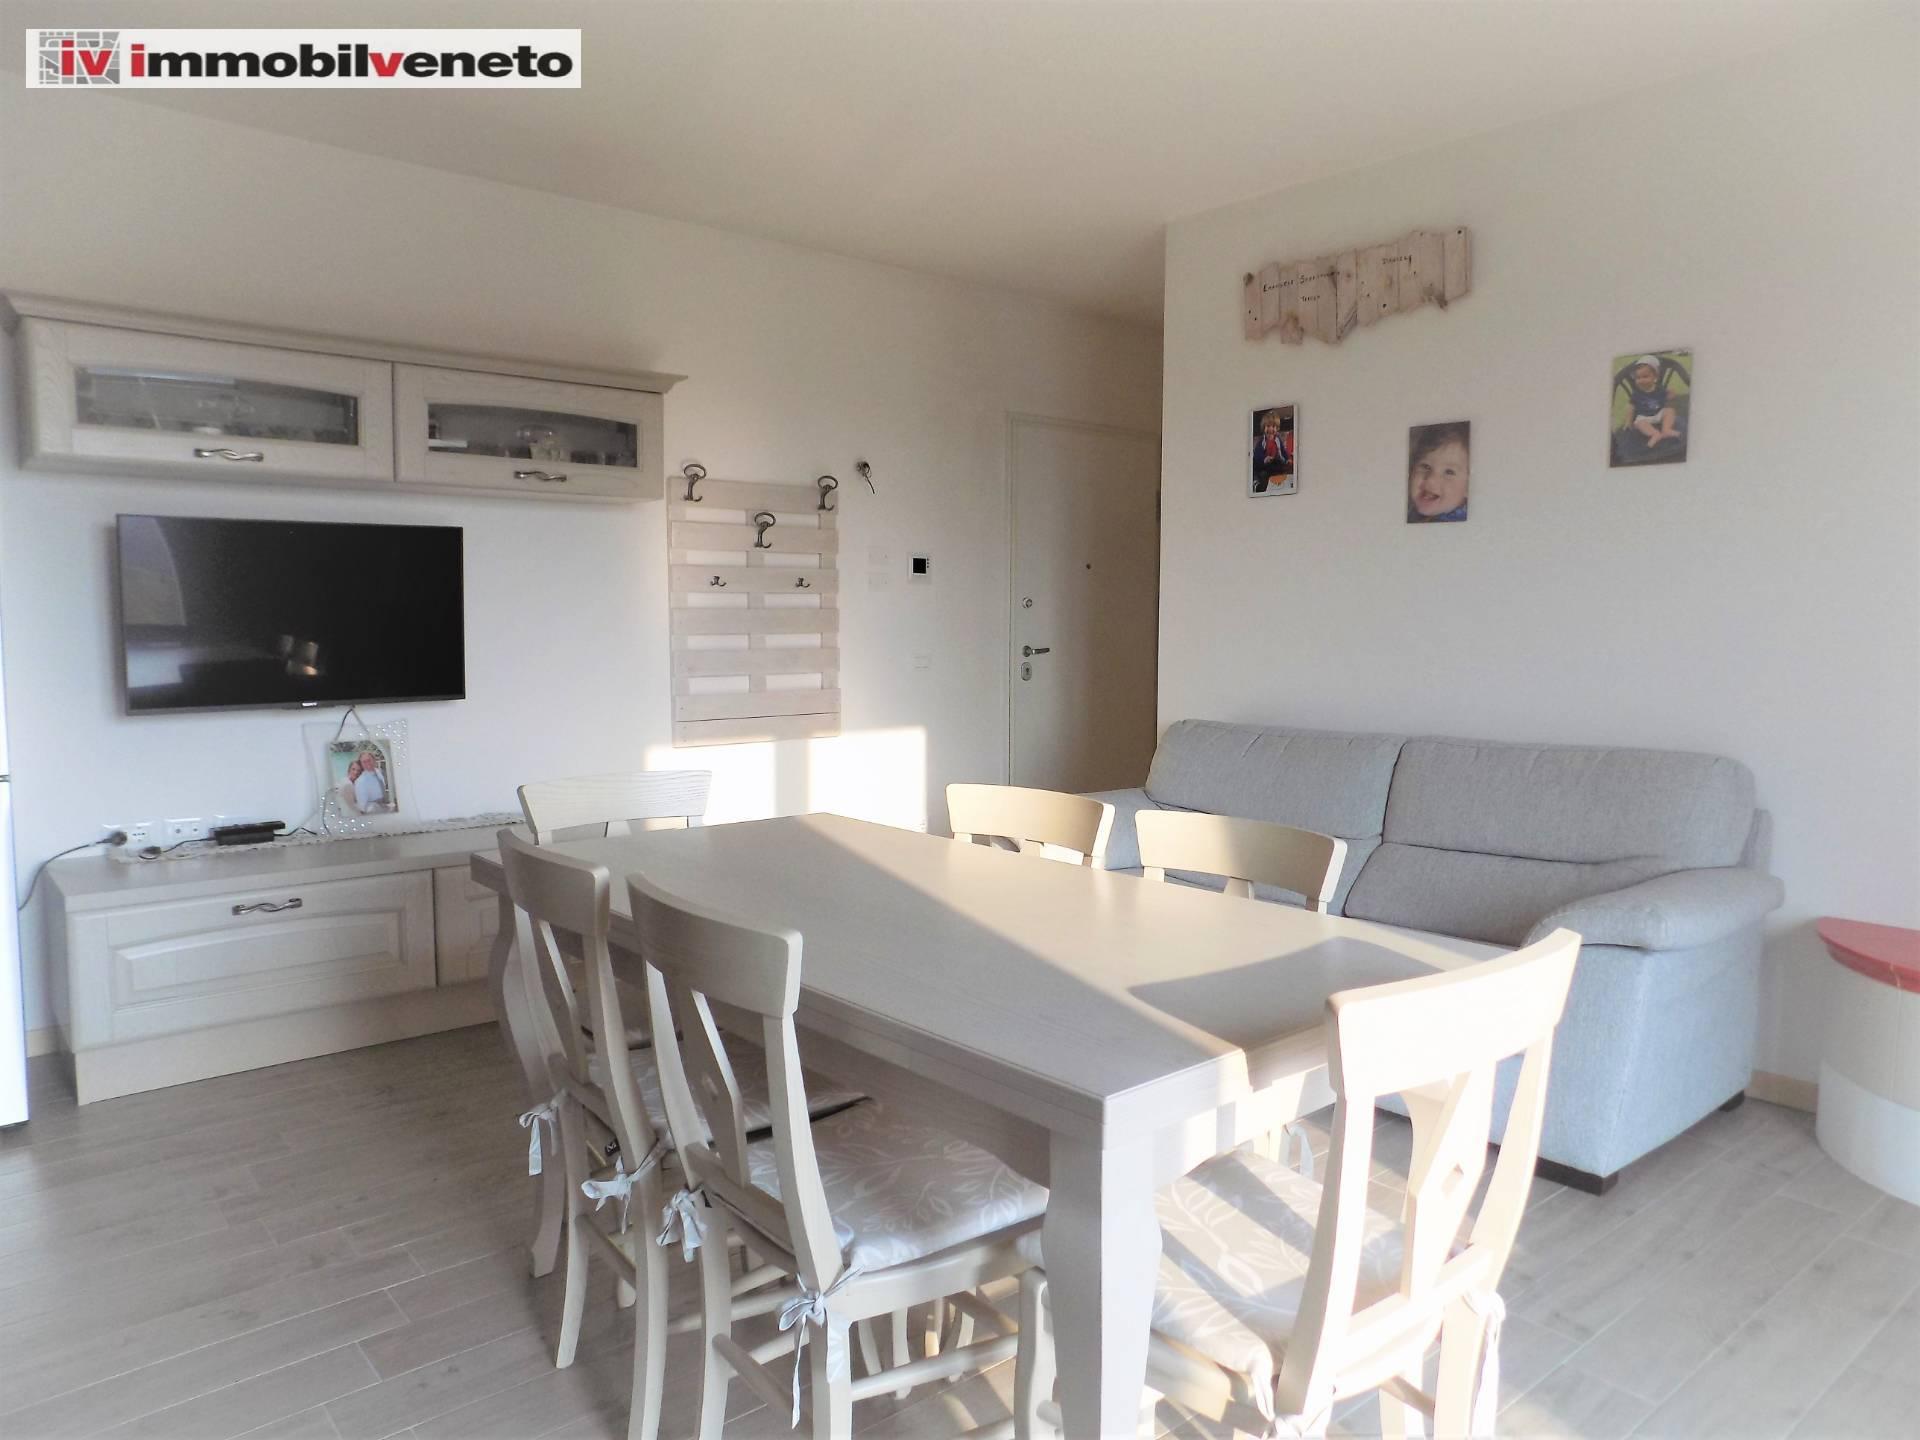 Appartamento in vendita a Sarego, 5 locali, zona Zona: Meledo, prezzo € 175.000 | CambioCasa.it